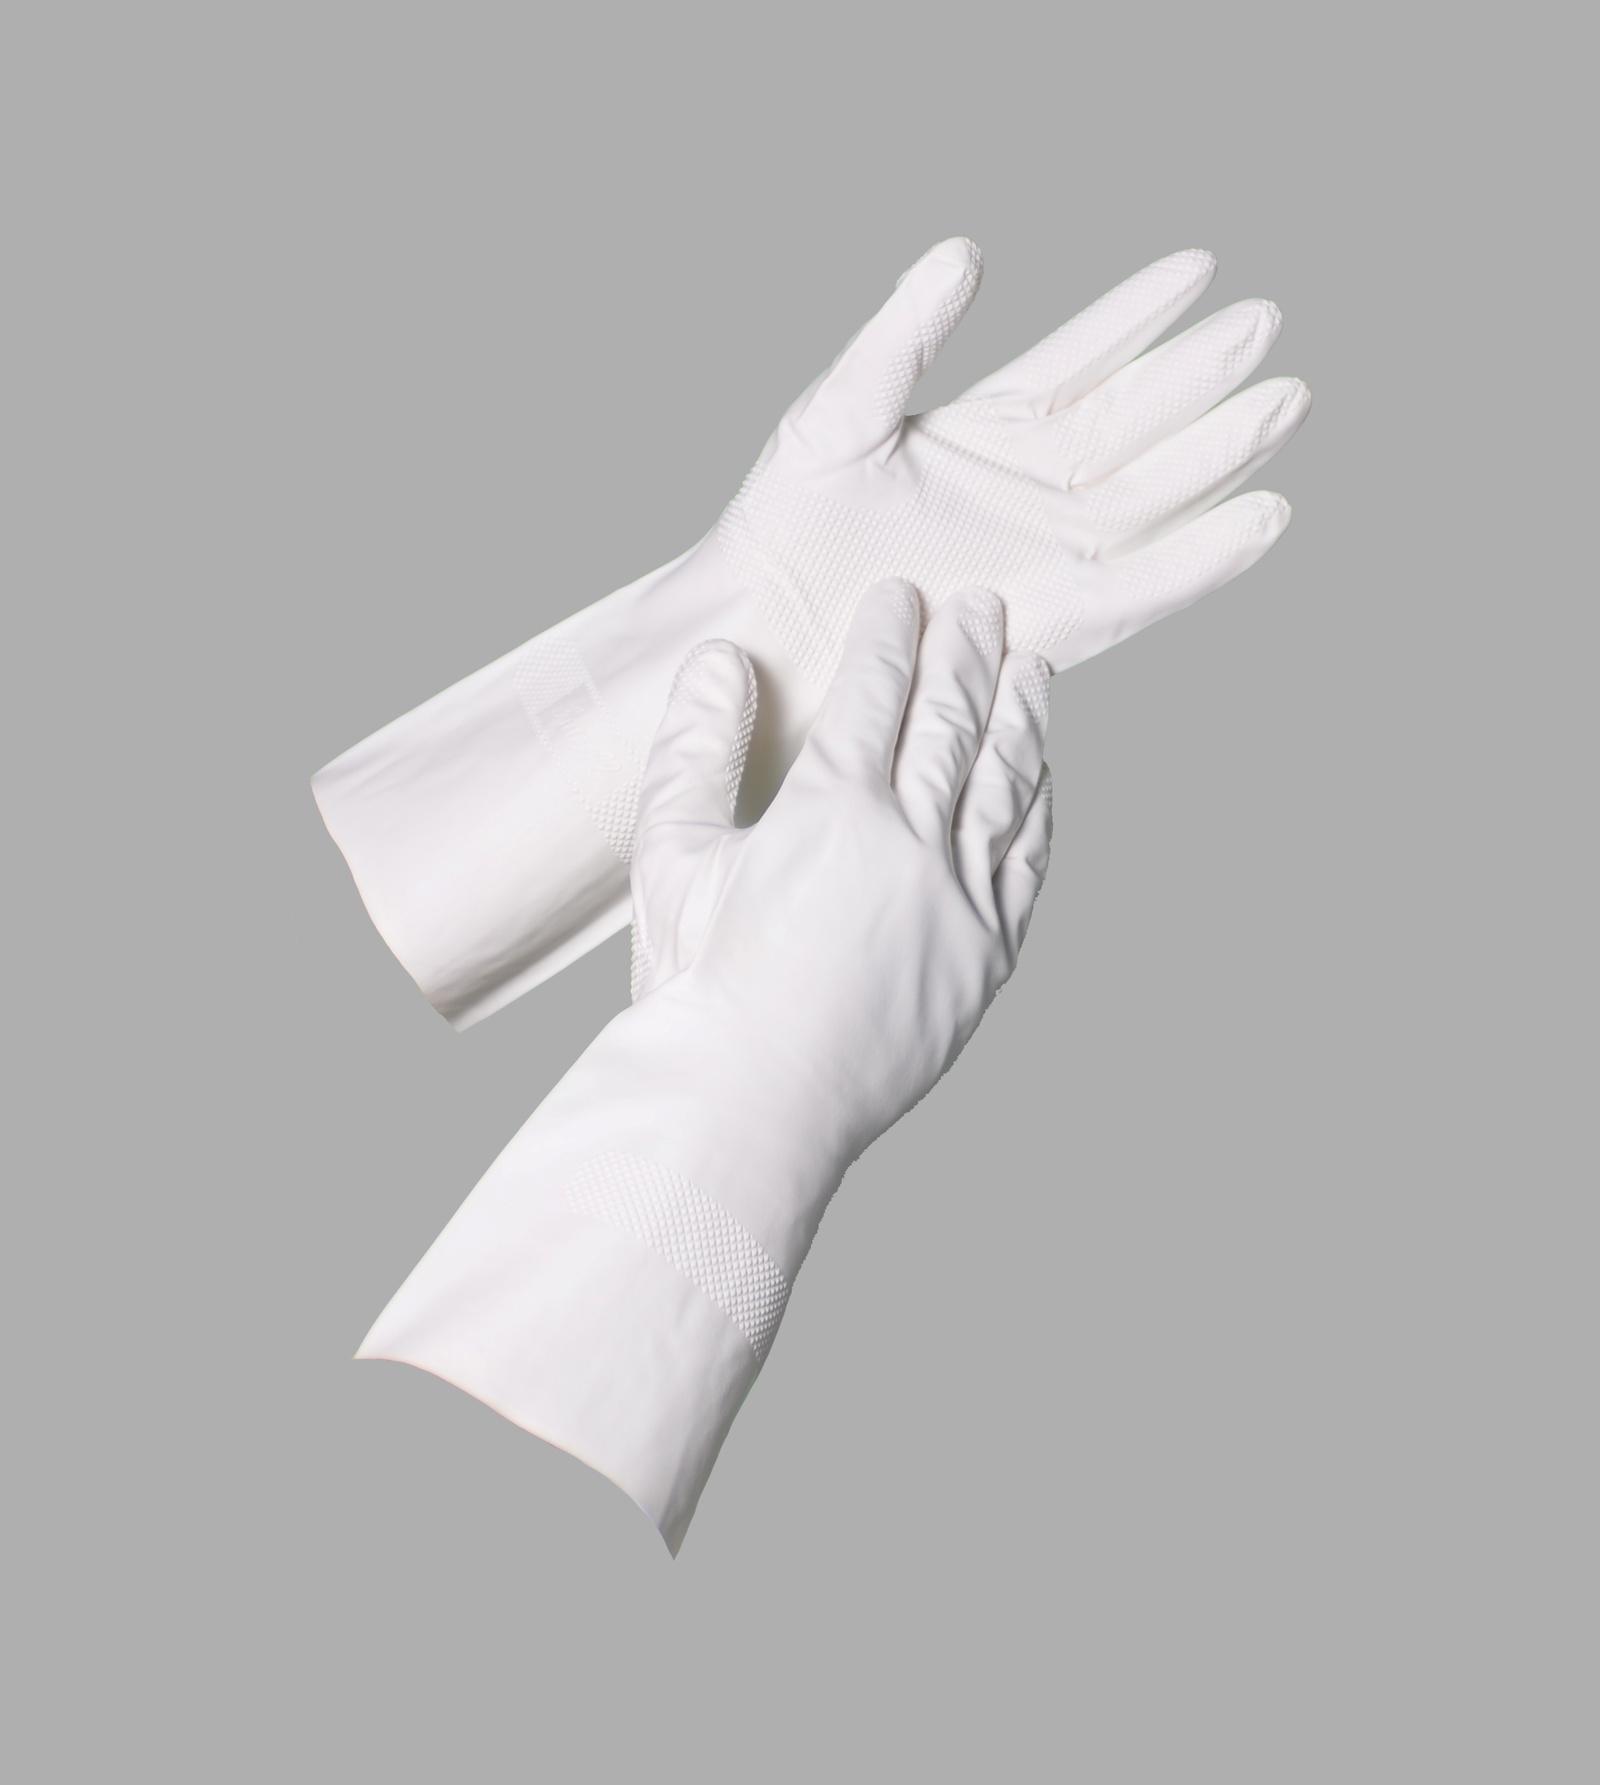 Перчатки защитные True Glove Safe protection, белый перчатки сноубордические женские pow empress gtx glove zebra